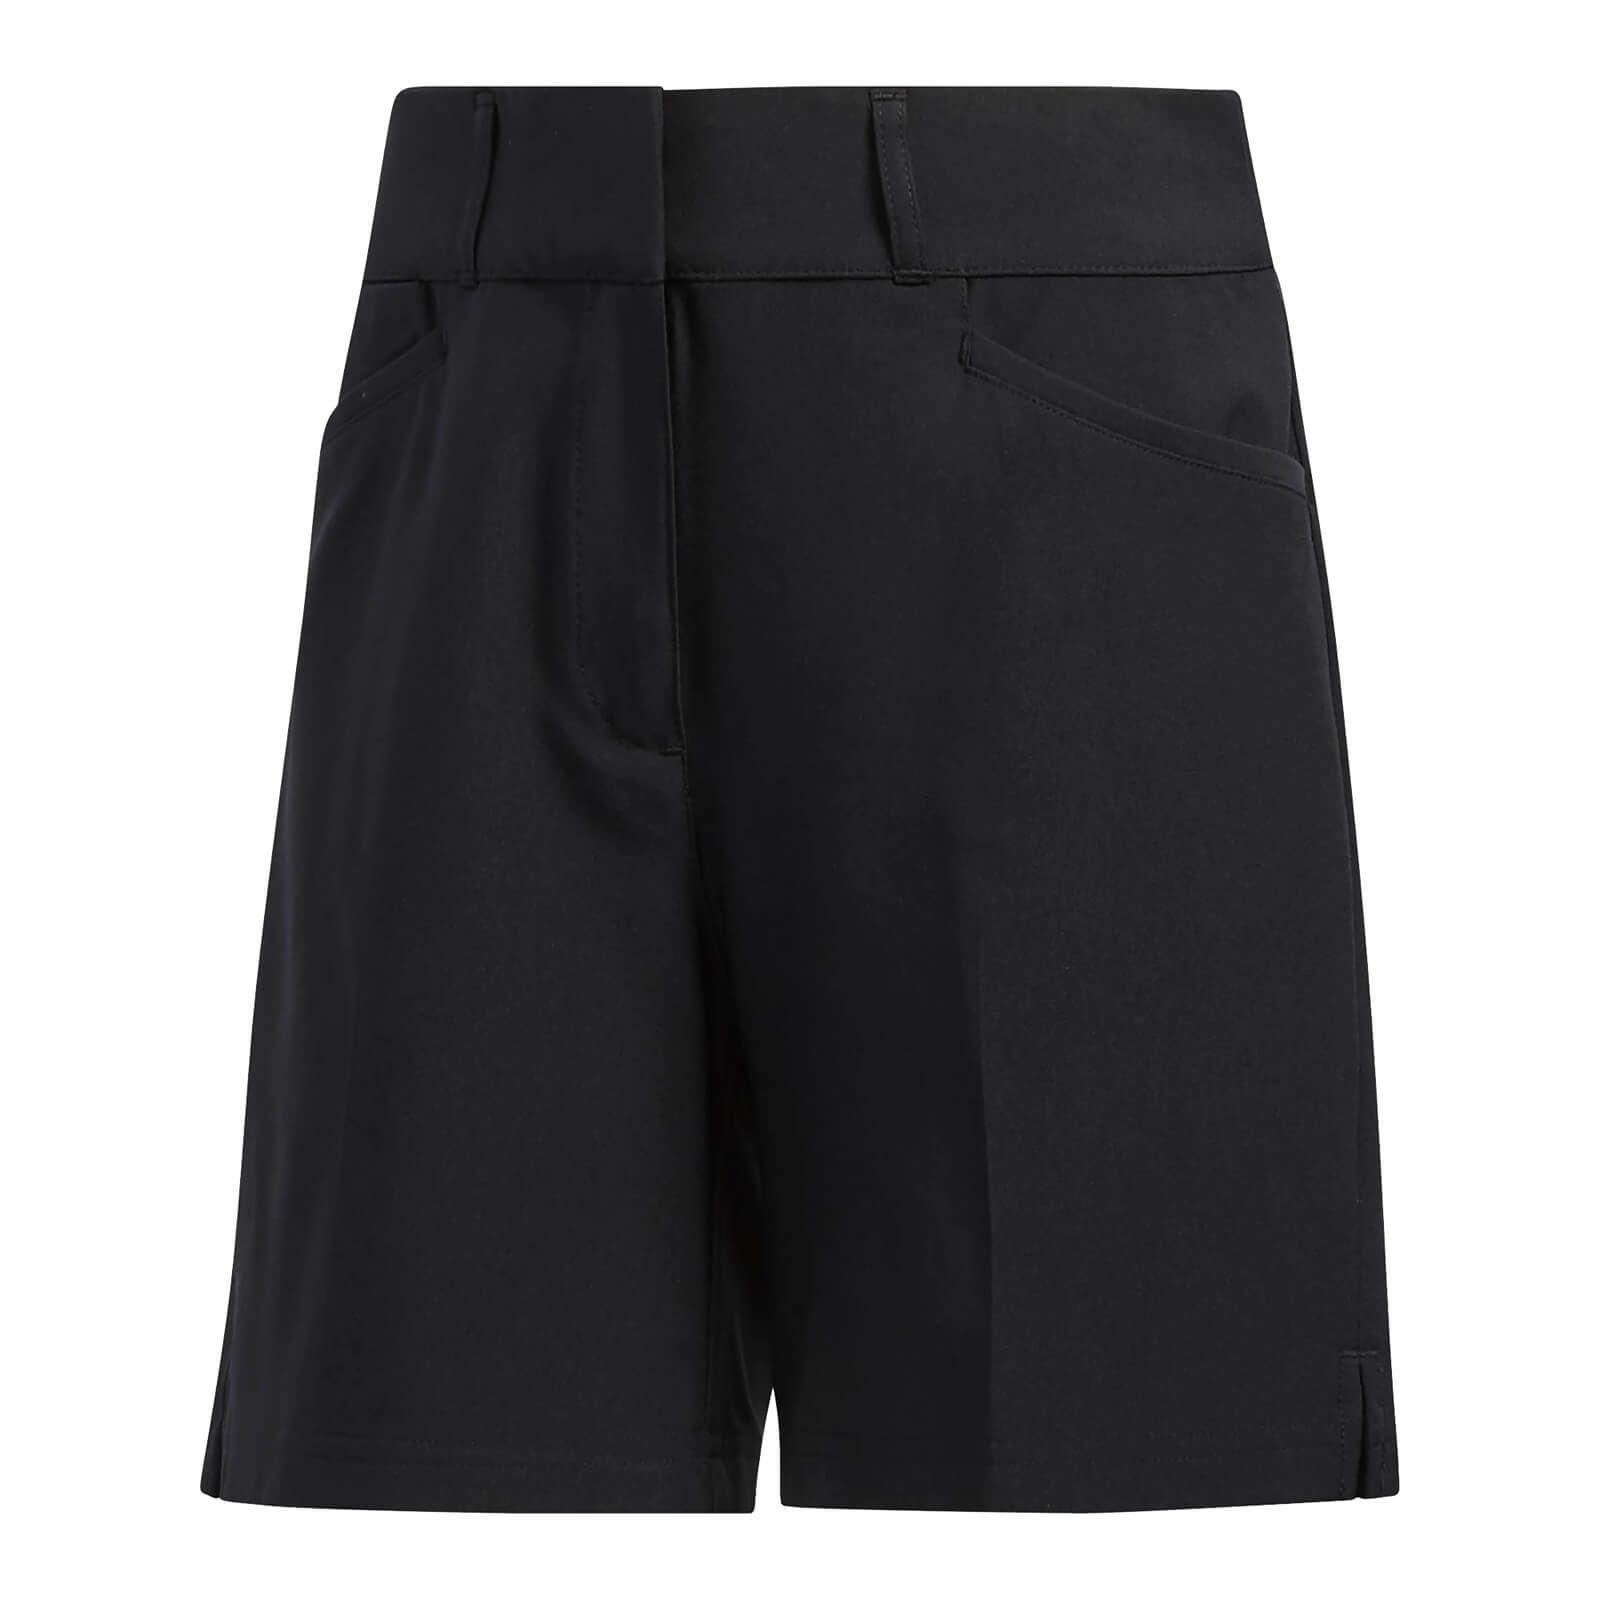 seriamente carpintero Baya  Adidas Womens Club 5-Inch Golf Shorts 2020 - Carl's Golfland